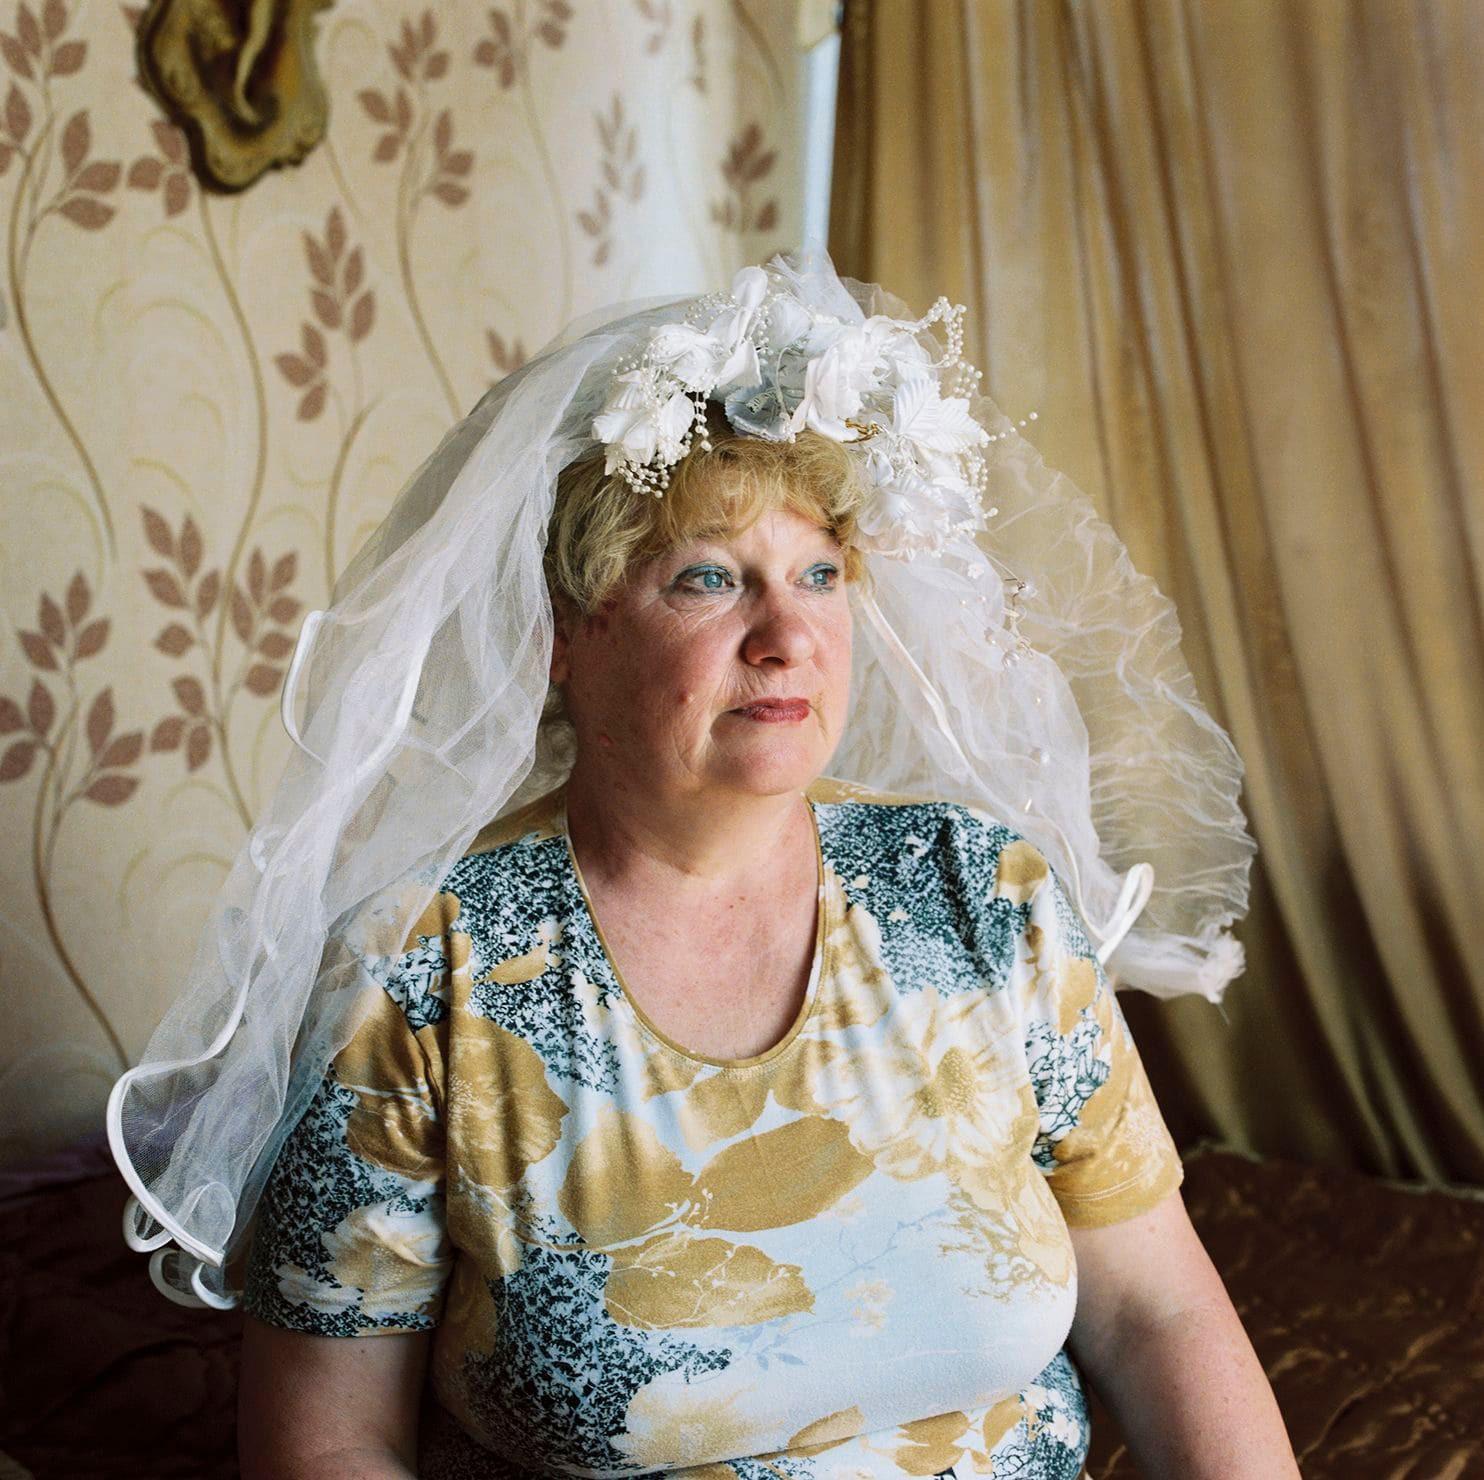 Lý do gì khiến phụ nữ ở Belarus luôn giữ gìn váy cưới cẩn thận suốt hàng chục năm? - Ảnh 2.